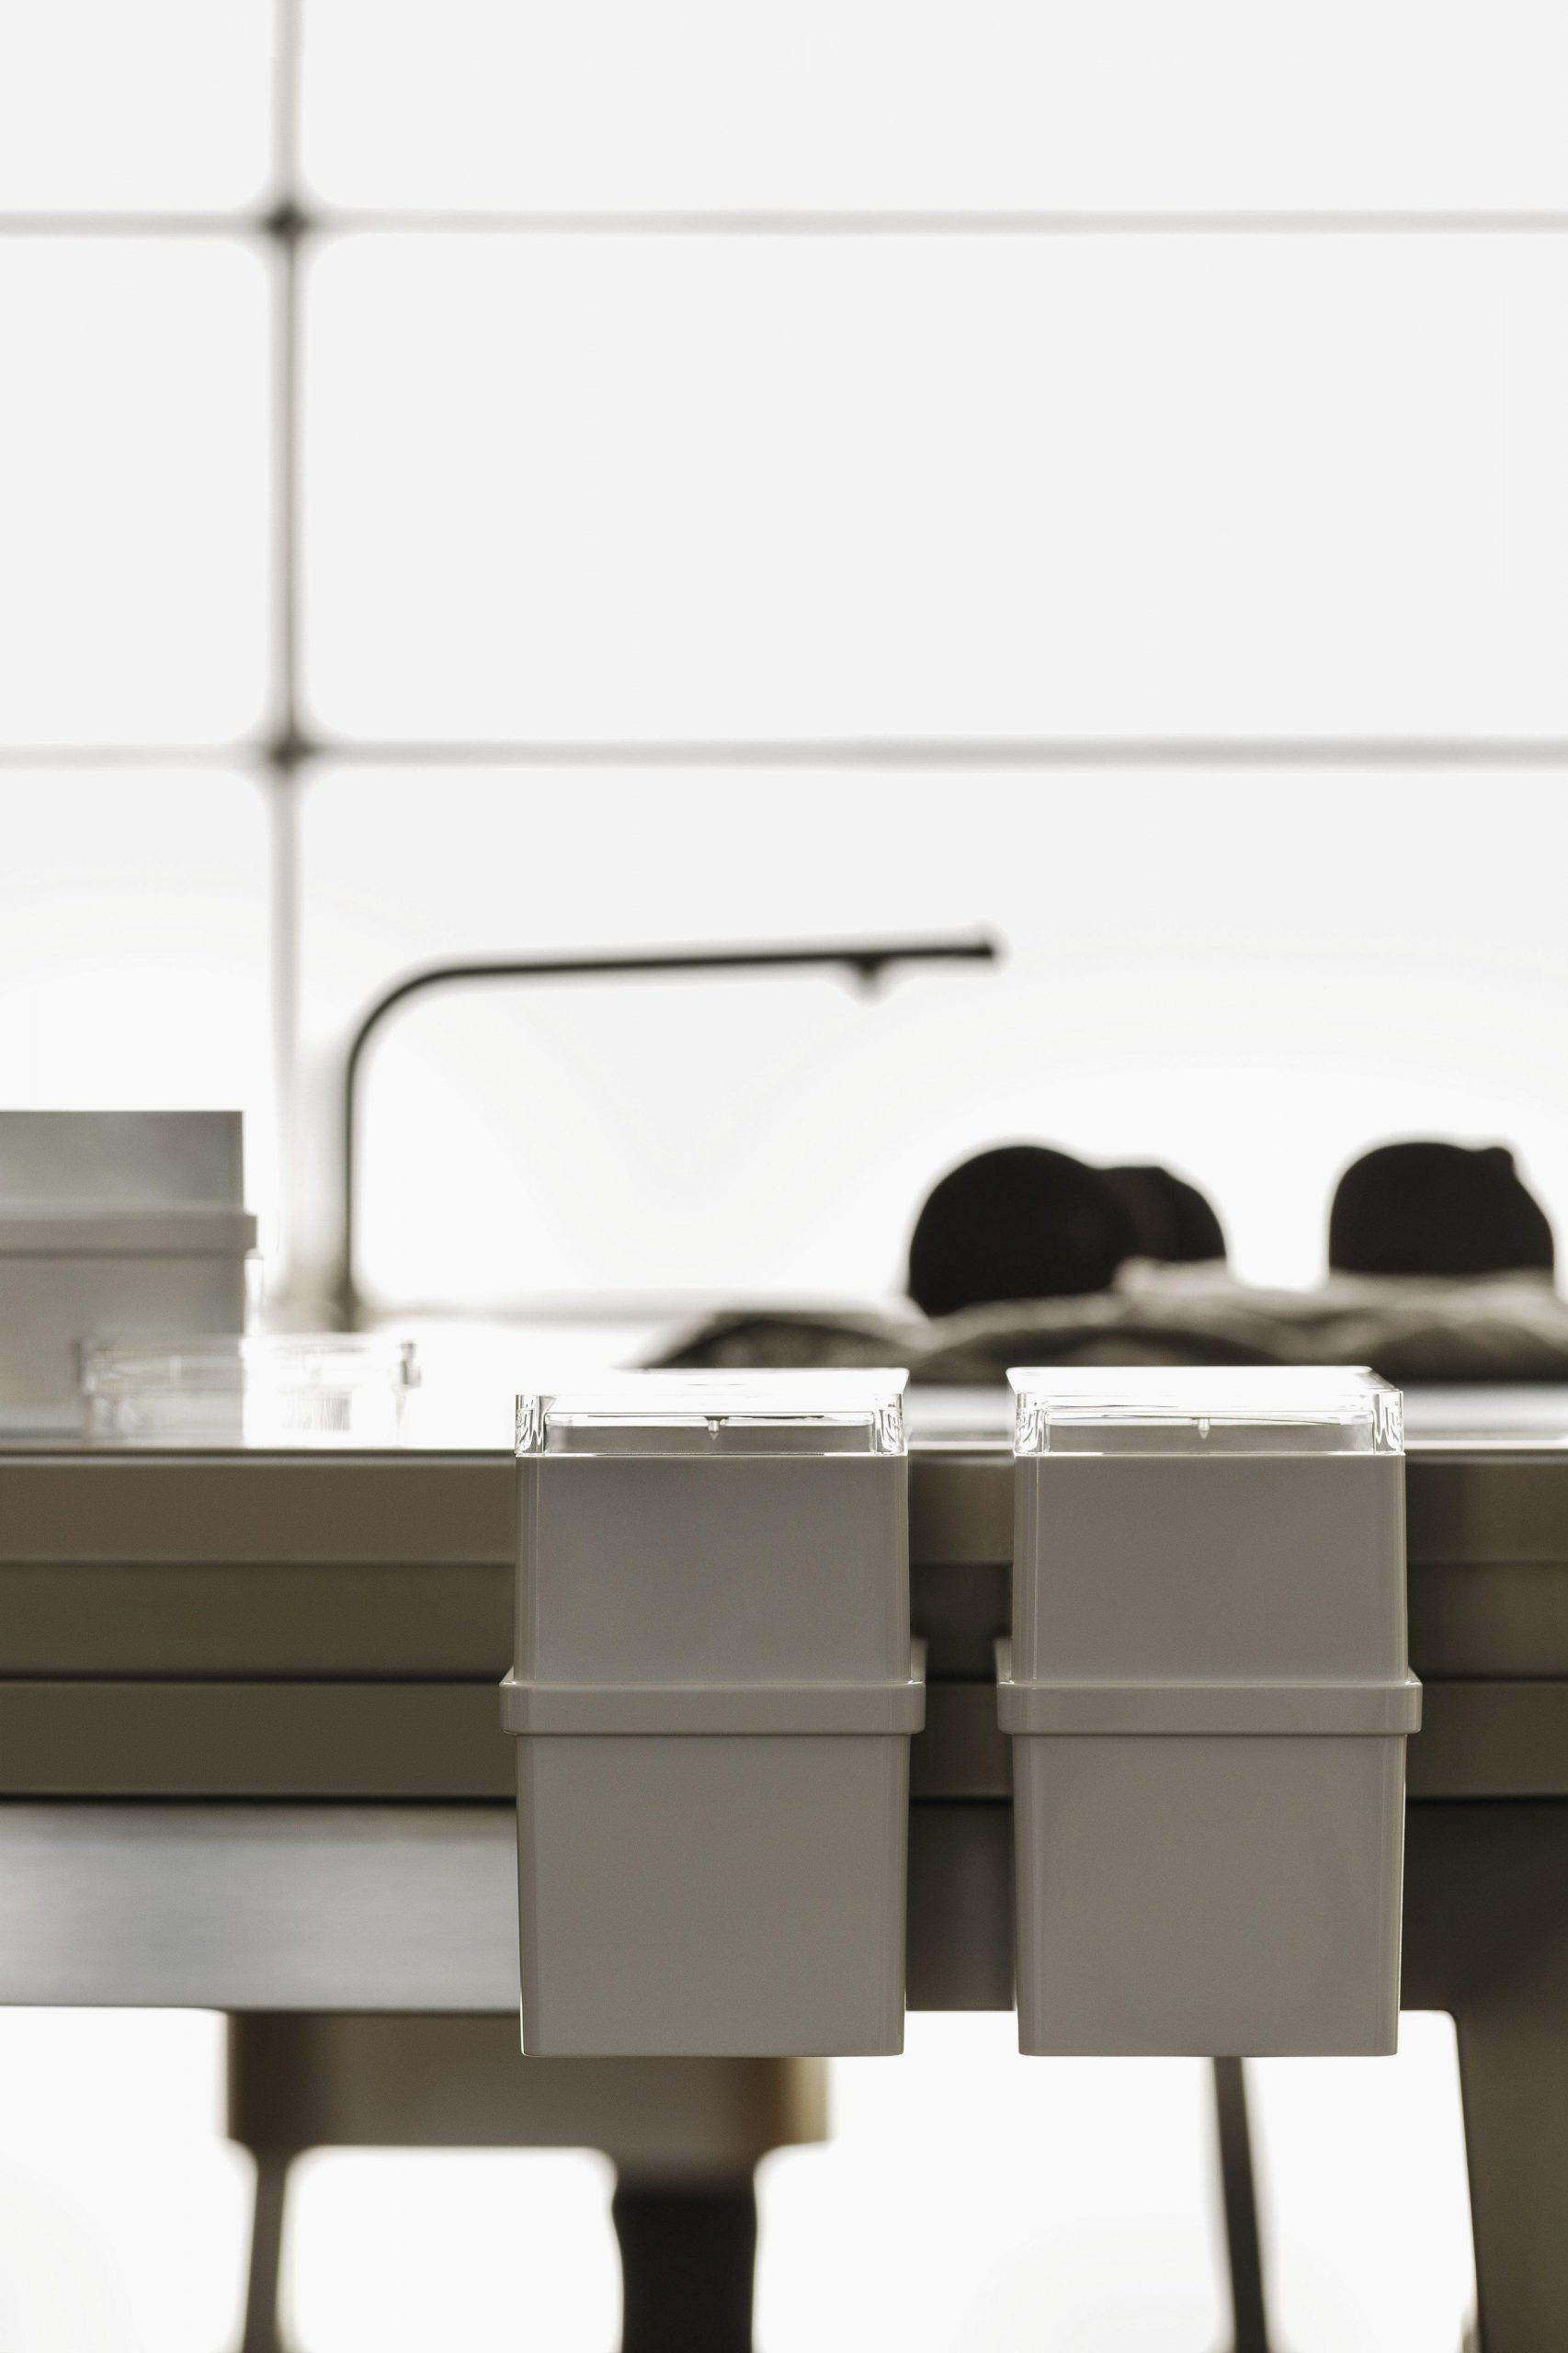 Full Size of Aufbewahrungsbehälter Küche Aufbewahrungsbehälter Küchenutensilien Aufbewahrungsbehälter Küche Keramik Aufbewahrungsbehälter Küche Glas Küche Aufbewahrungsbehälter Küche